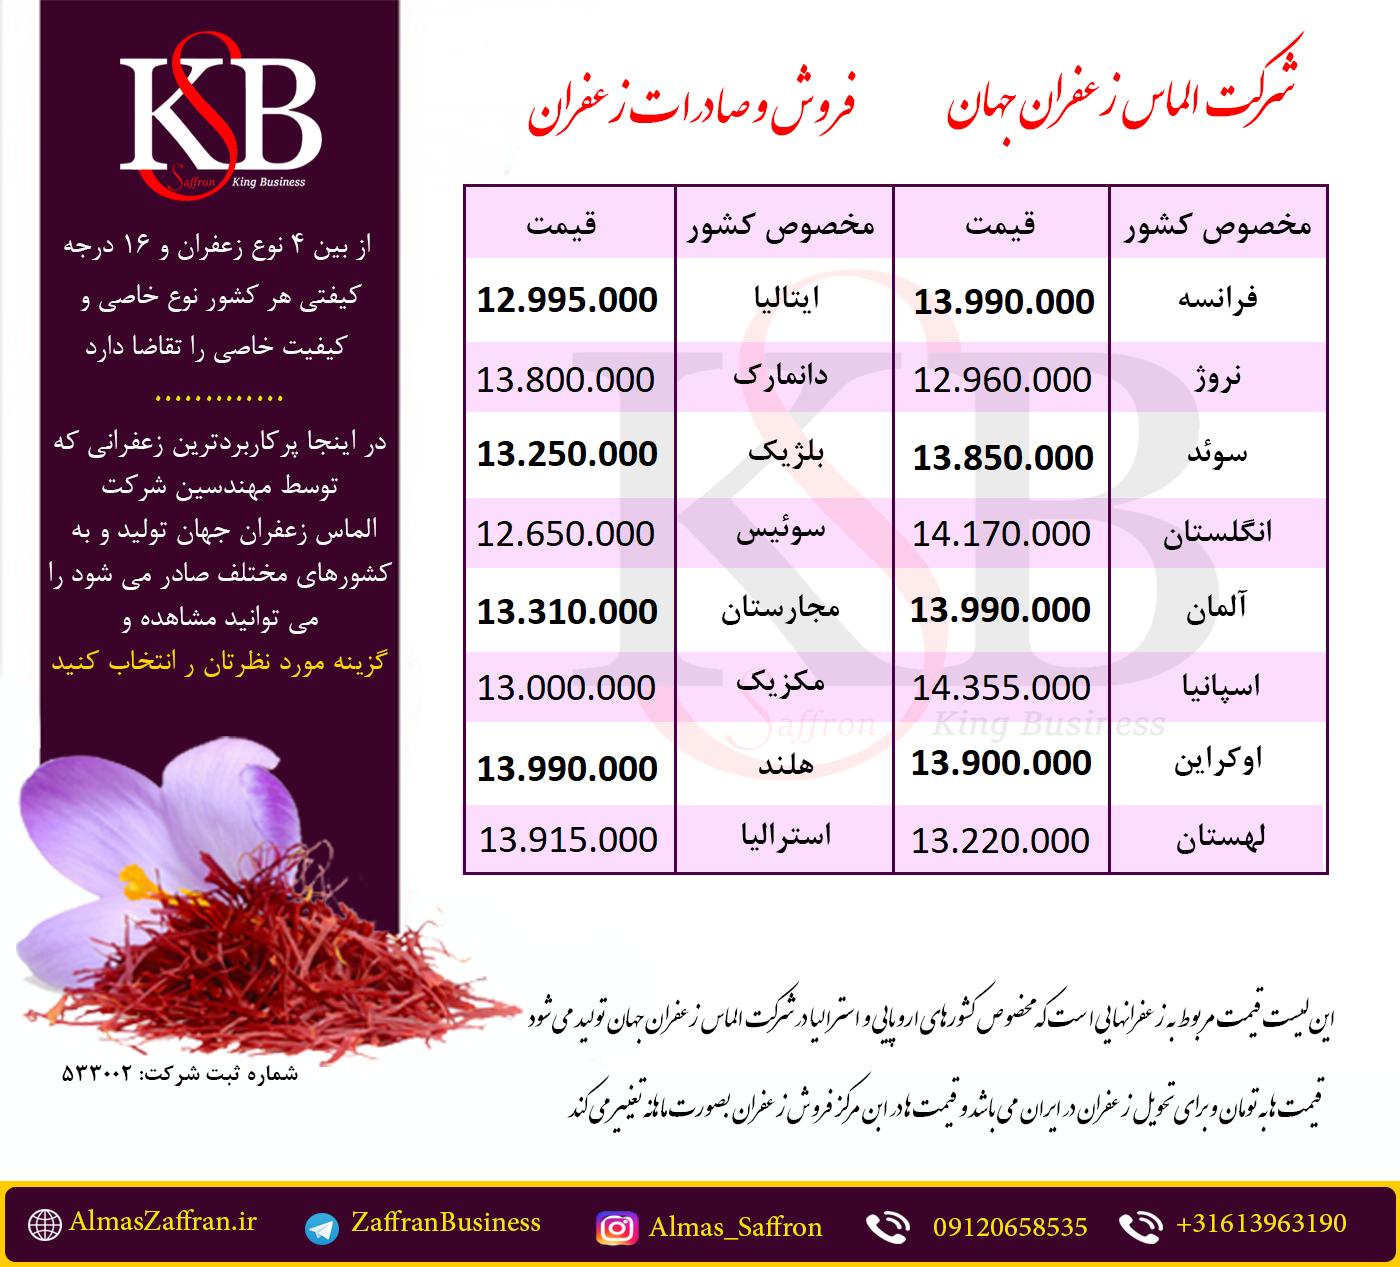 قیمت خرید پرکاربردترین زعفران در کشورهای اروپایی